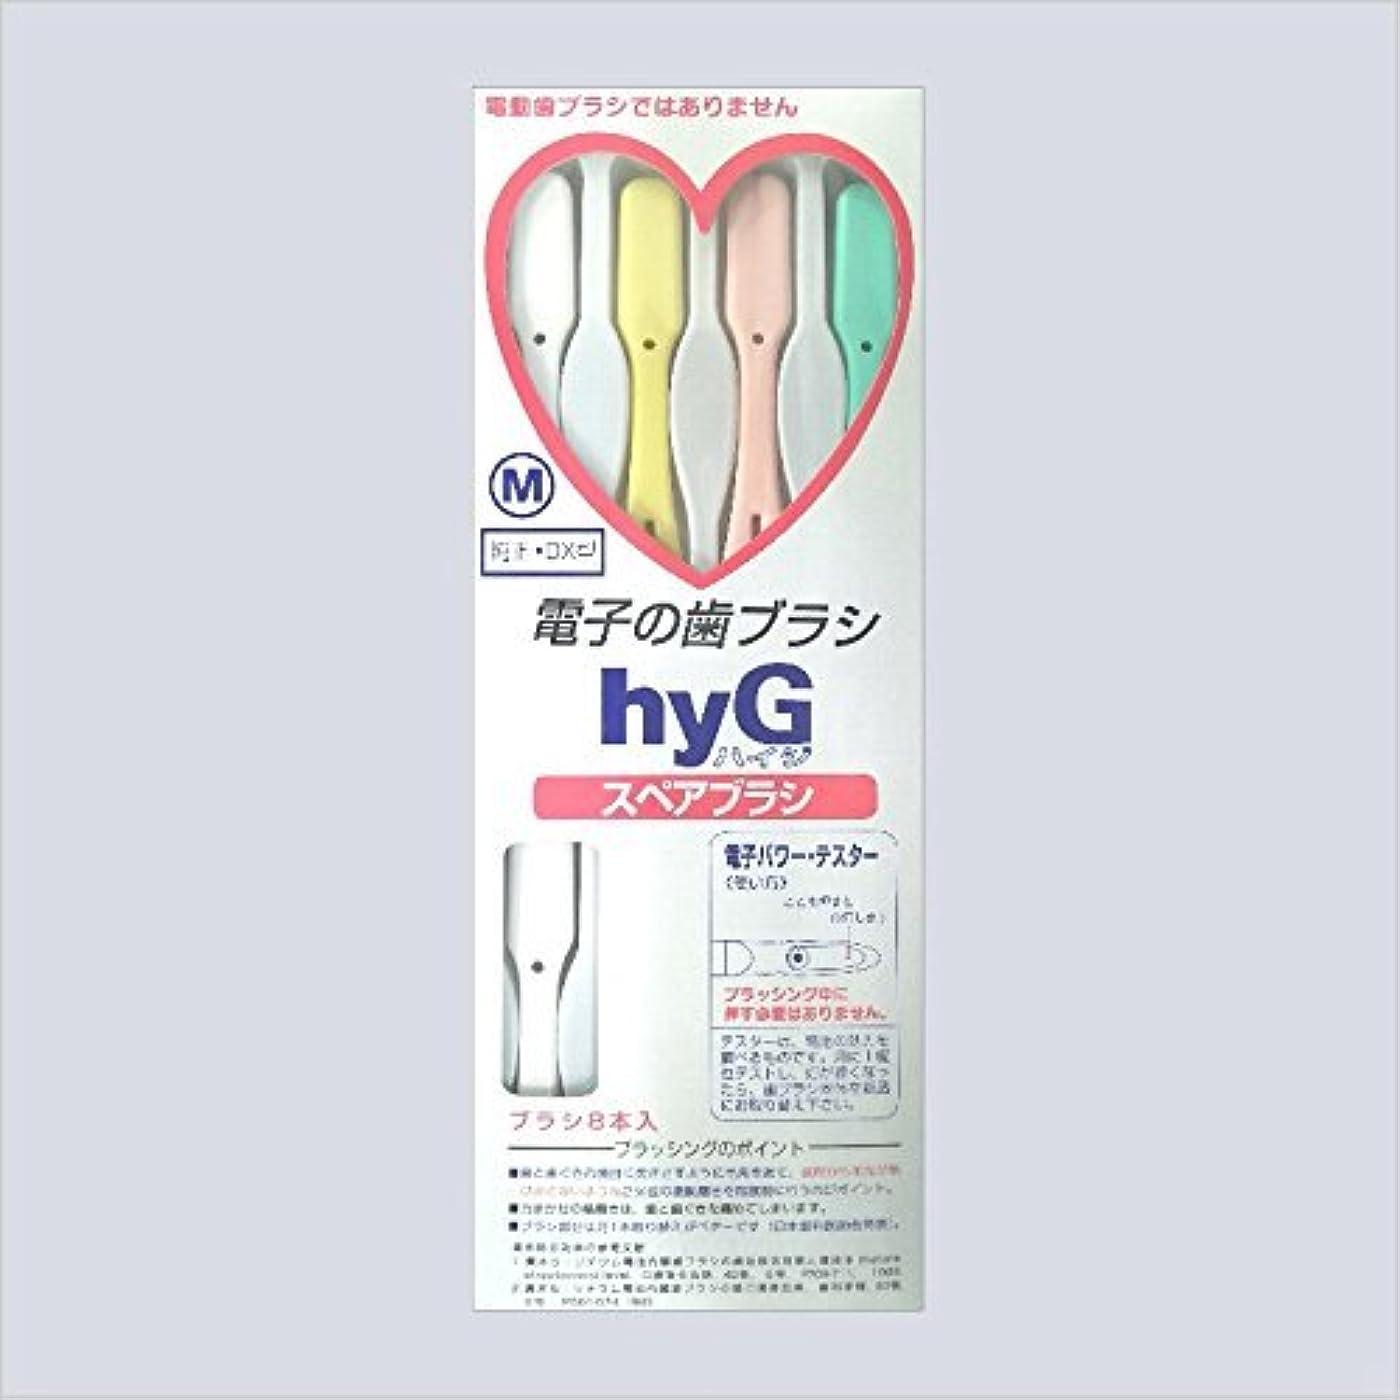 画像推定する混合電子の歯ブラシ ハイジ(hyG)?スペアブラシ <ブラシの硬さ:Mふつう> (※こちらは「スペアブラシ」です )?hyG-DX型